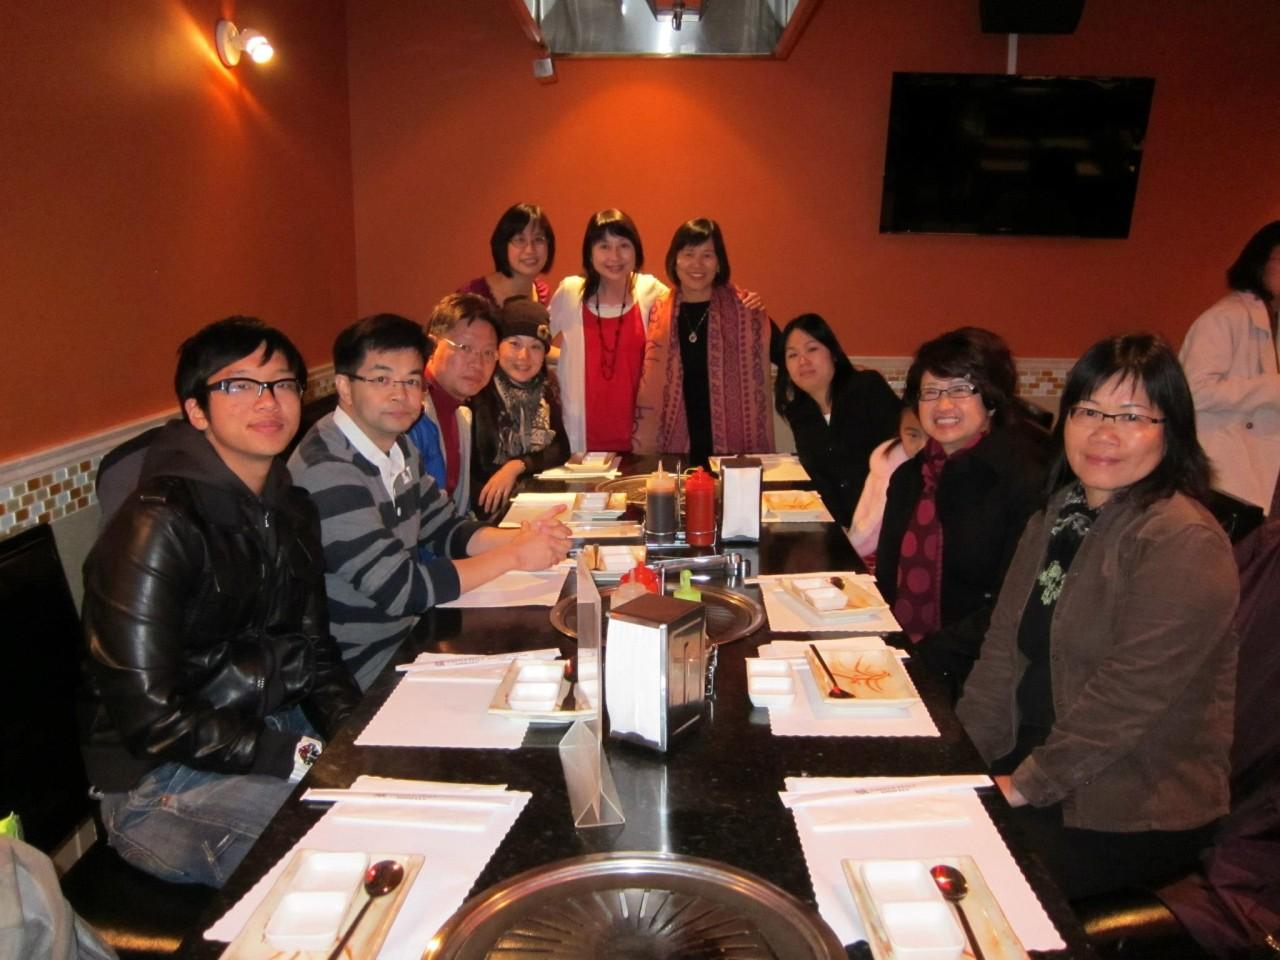 Chinese New Year 2013 p4